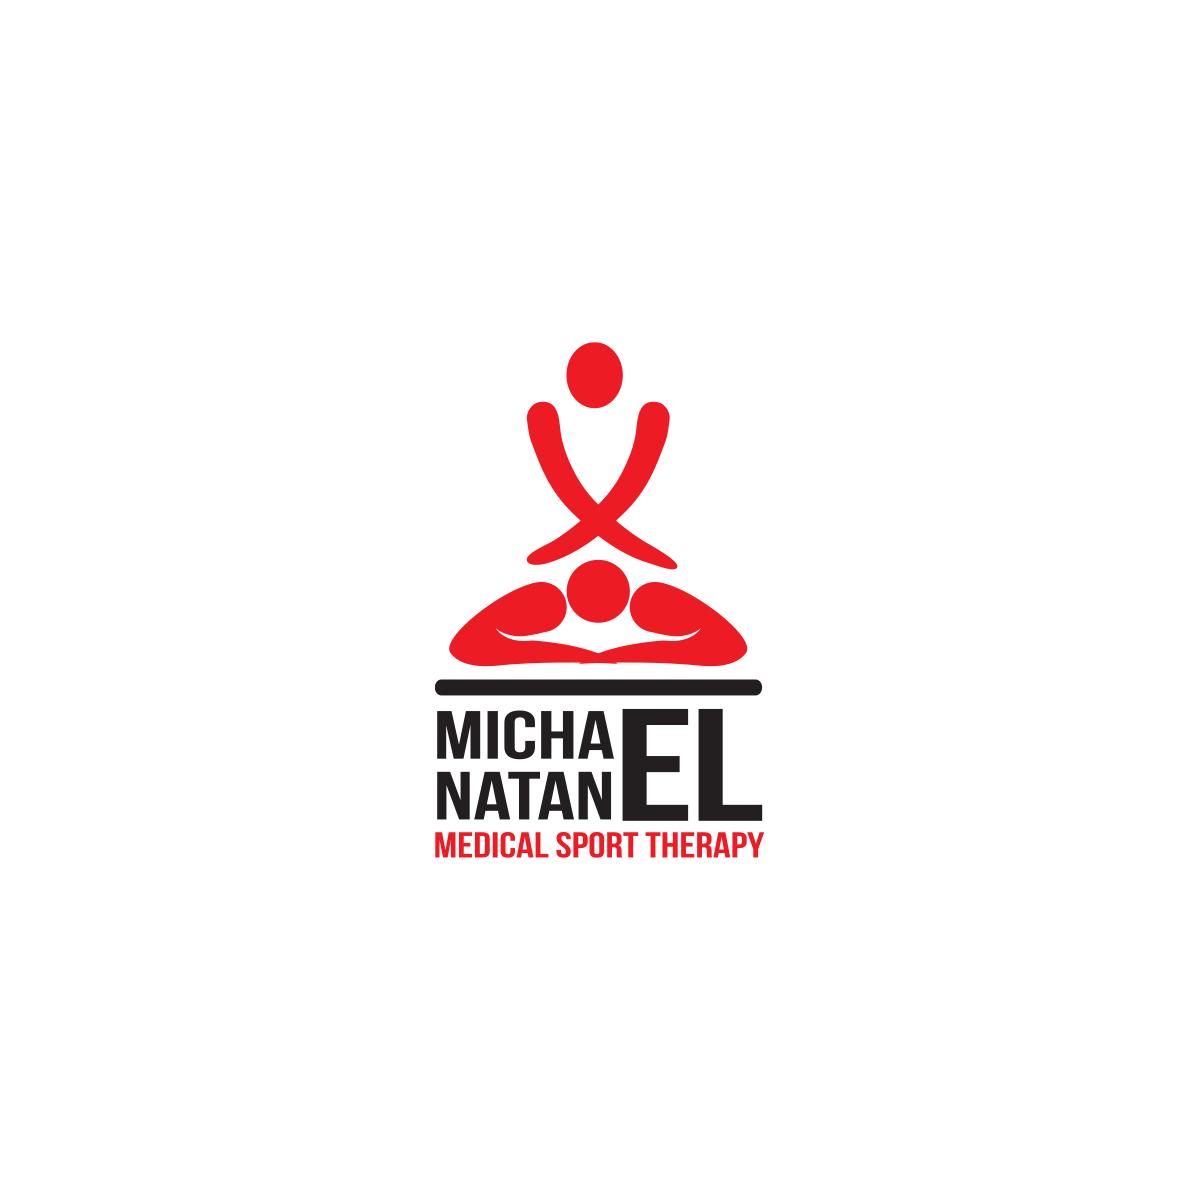 לוגו למיכאל נתנאל